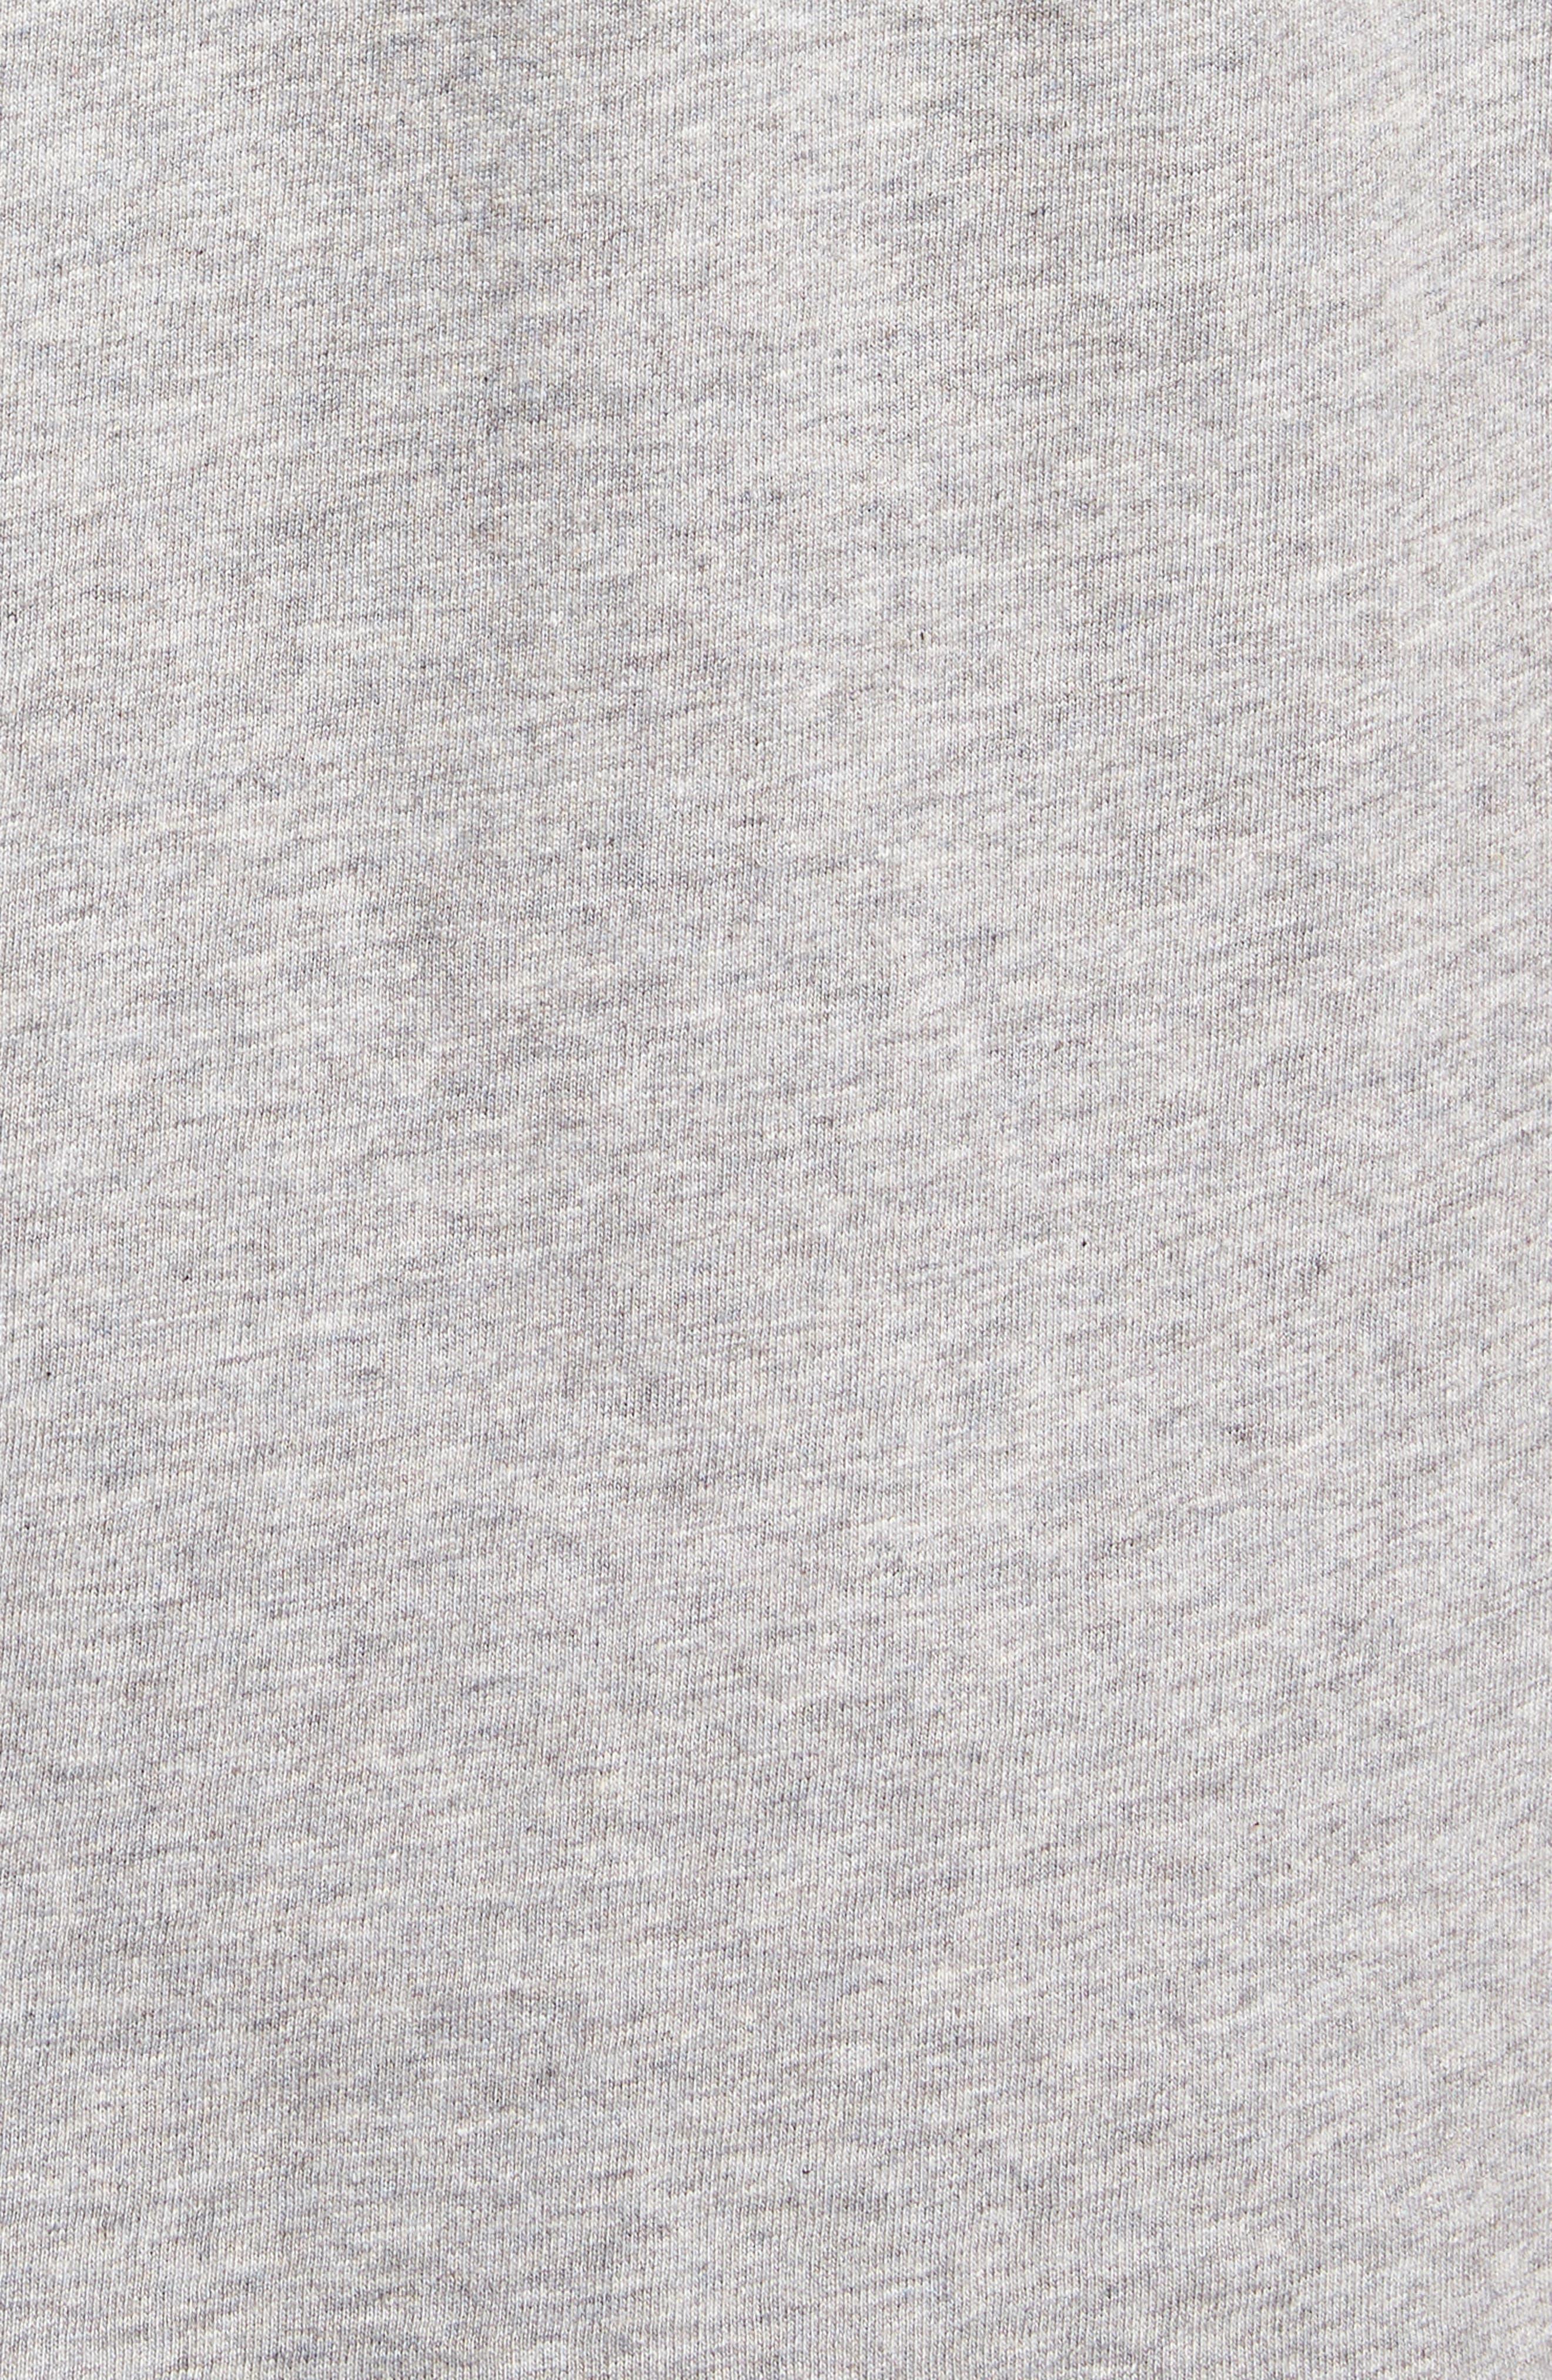 Housemark Graphic T-Shirt,                             Alternate thumbnail 5, color,                             Housemark Grey